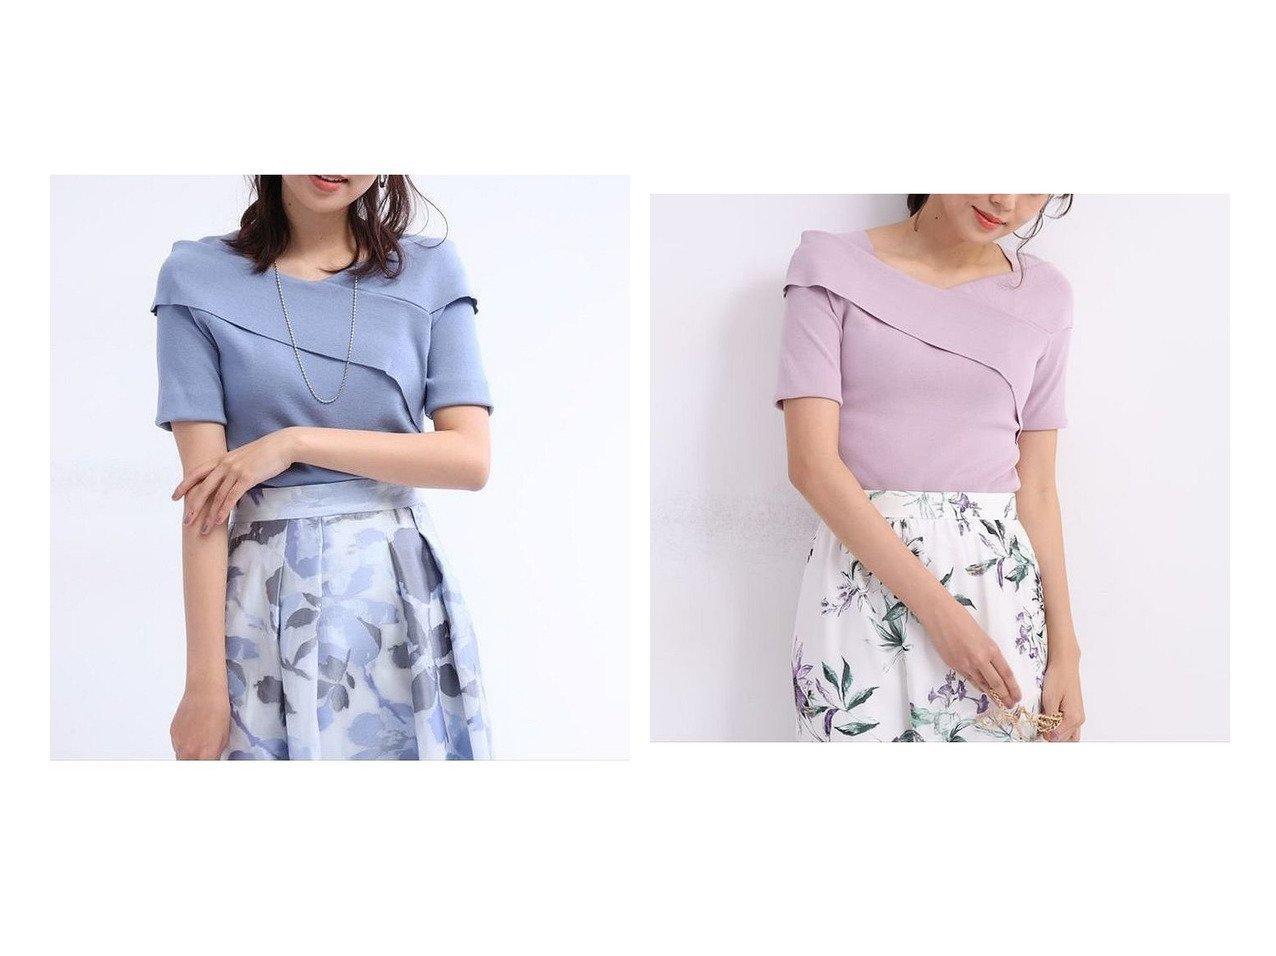 【JUSGLITTY/ジャスグリッティー】の半袖前後2WAYカシュクールニット 【トップス・カットソー】おすすめ!人気、トレンド・レディースファッションの通販 おすすめで人気の流行・トレンド、ファッションの通販商品 インテリア・家具・メンズファッション・キッズファッション・レディースファッション・服の通販 founy(ファニー) https://founy.com/ ファッション Fashion レディースファッション WOMEN トップス・カットソー Tops/Tshirt ニット Knit Tops カシュクール セーター フィット ボトム 半袖 |ID:crp329100000045619